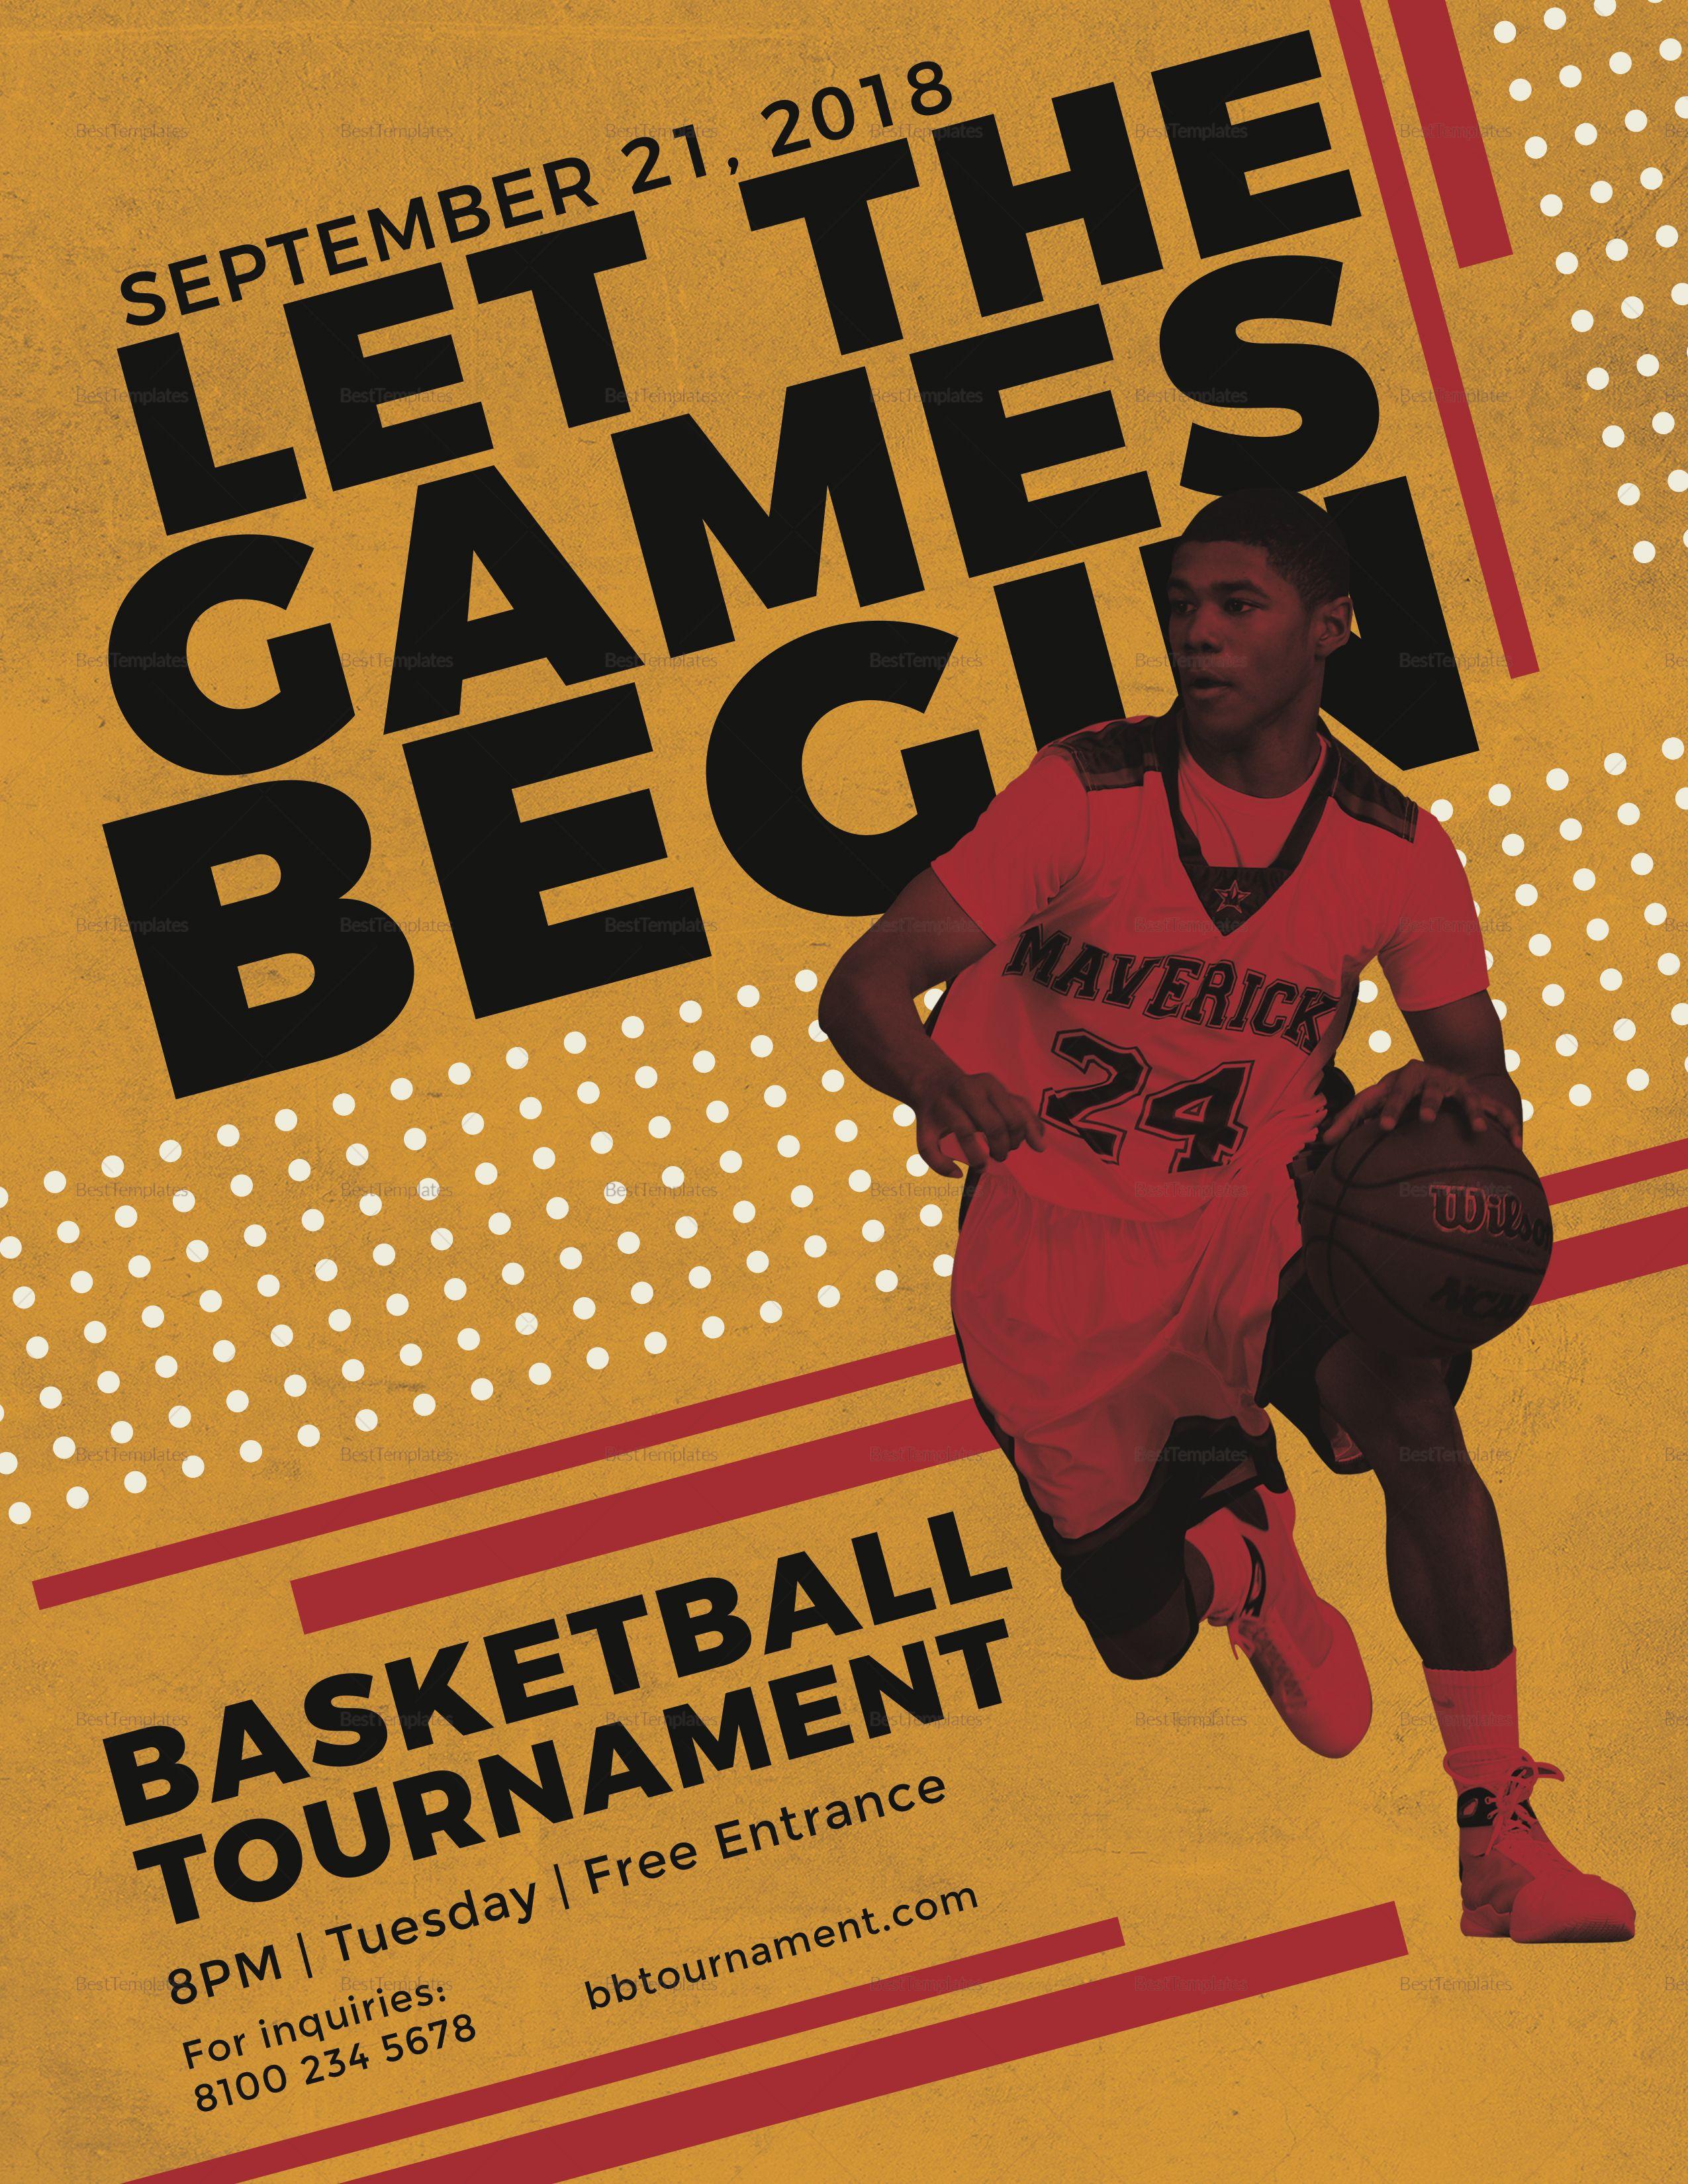 basketball tournament flyer template flyer templates pinterest